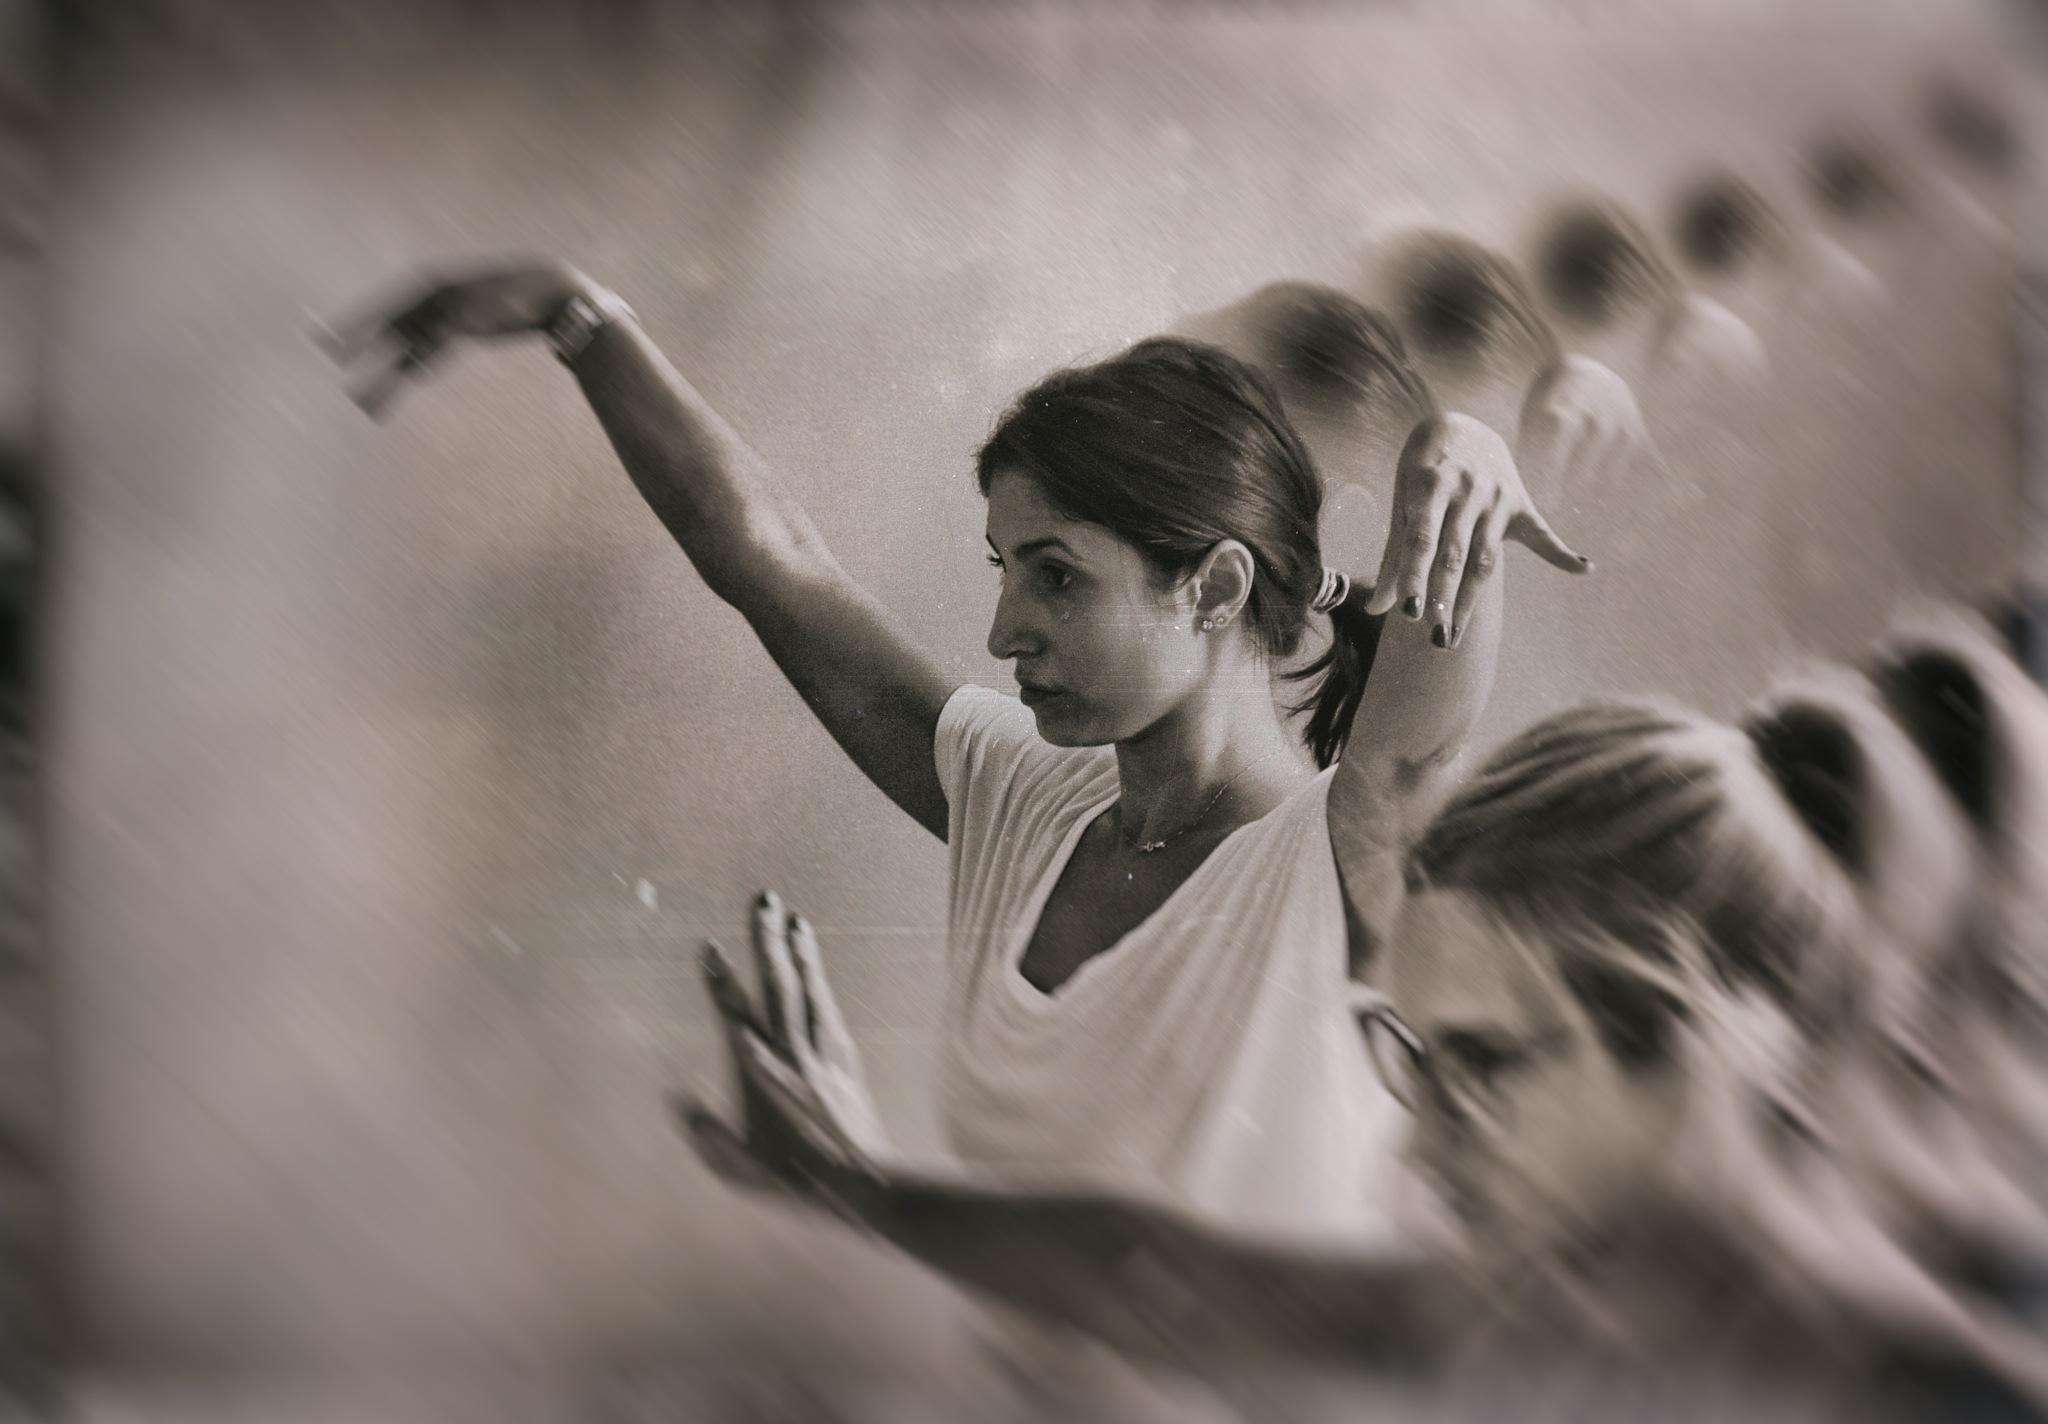 art in motion by manuel patti